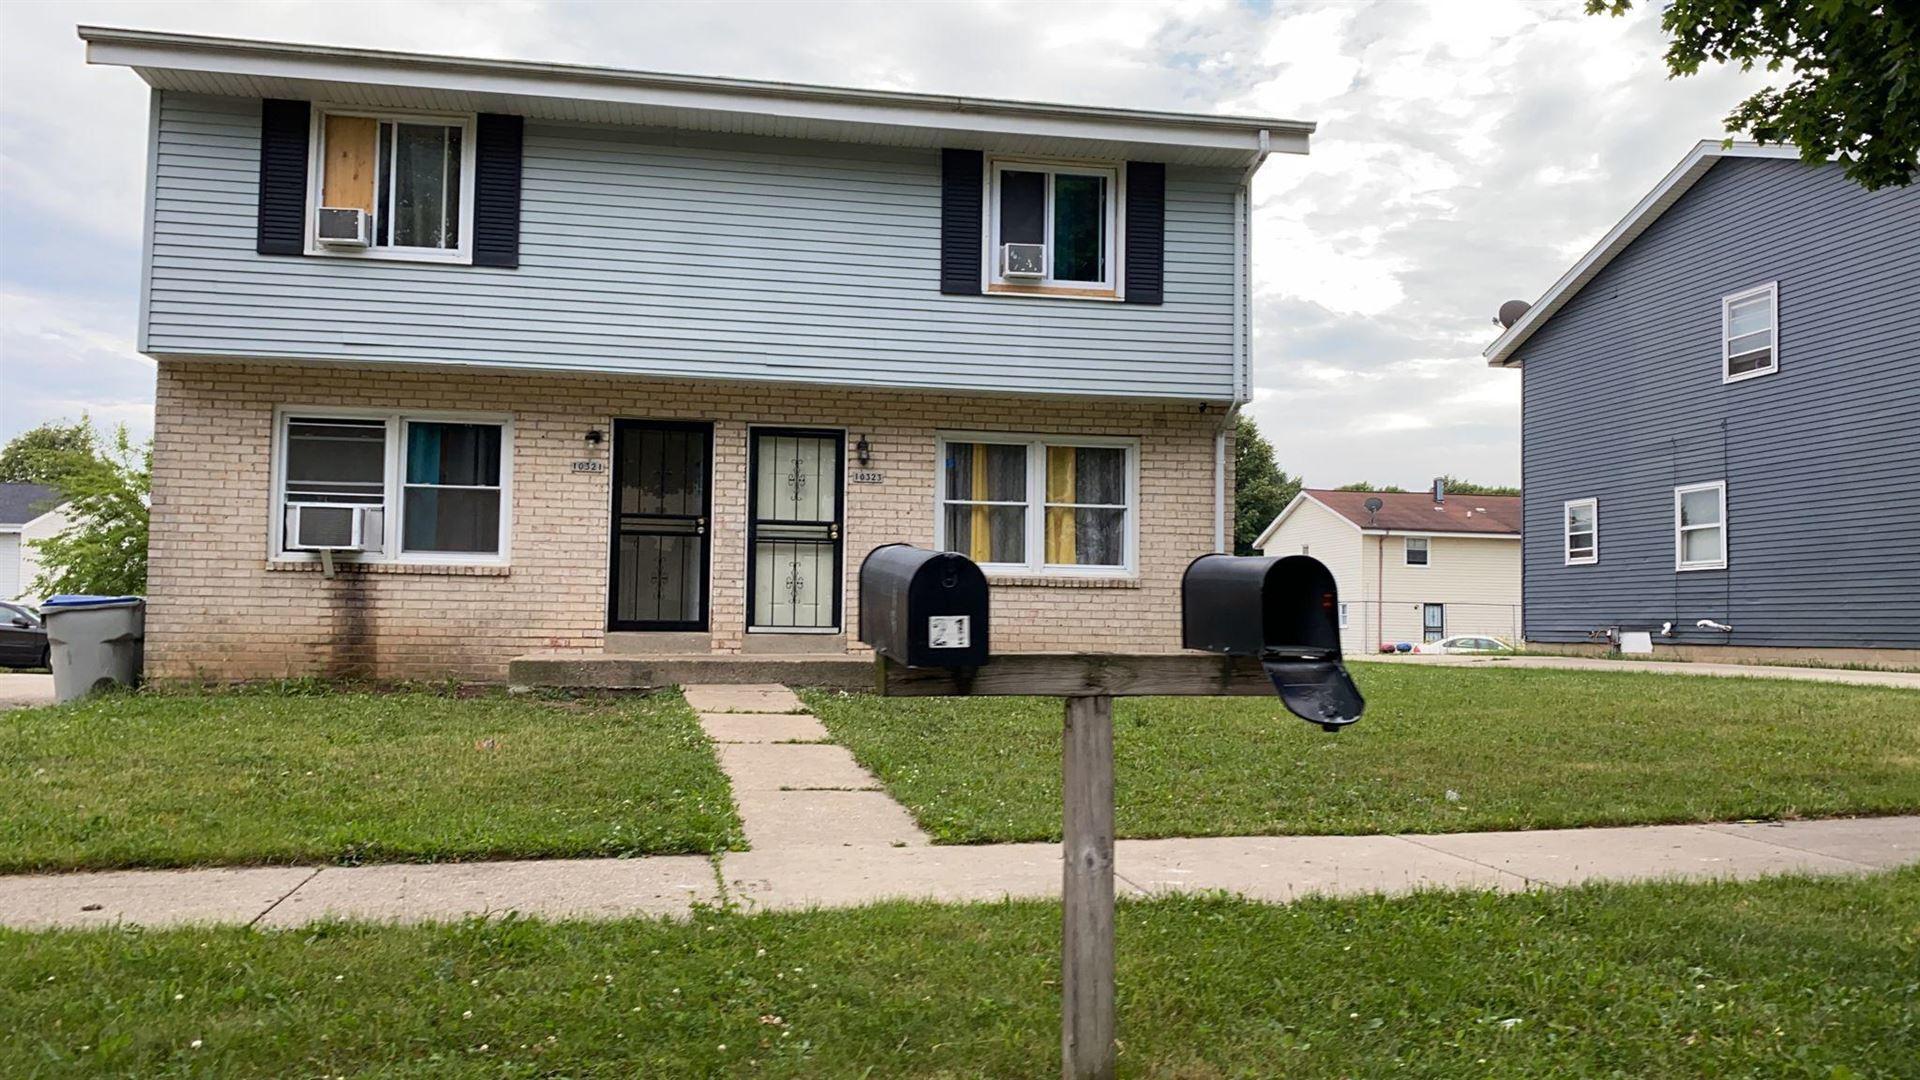 10321 W Kiehnau Ave #10323, Milwaukee, WI 53224 - #: 1746750